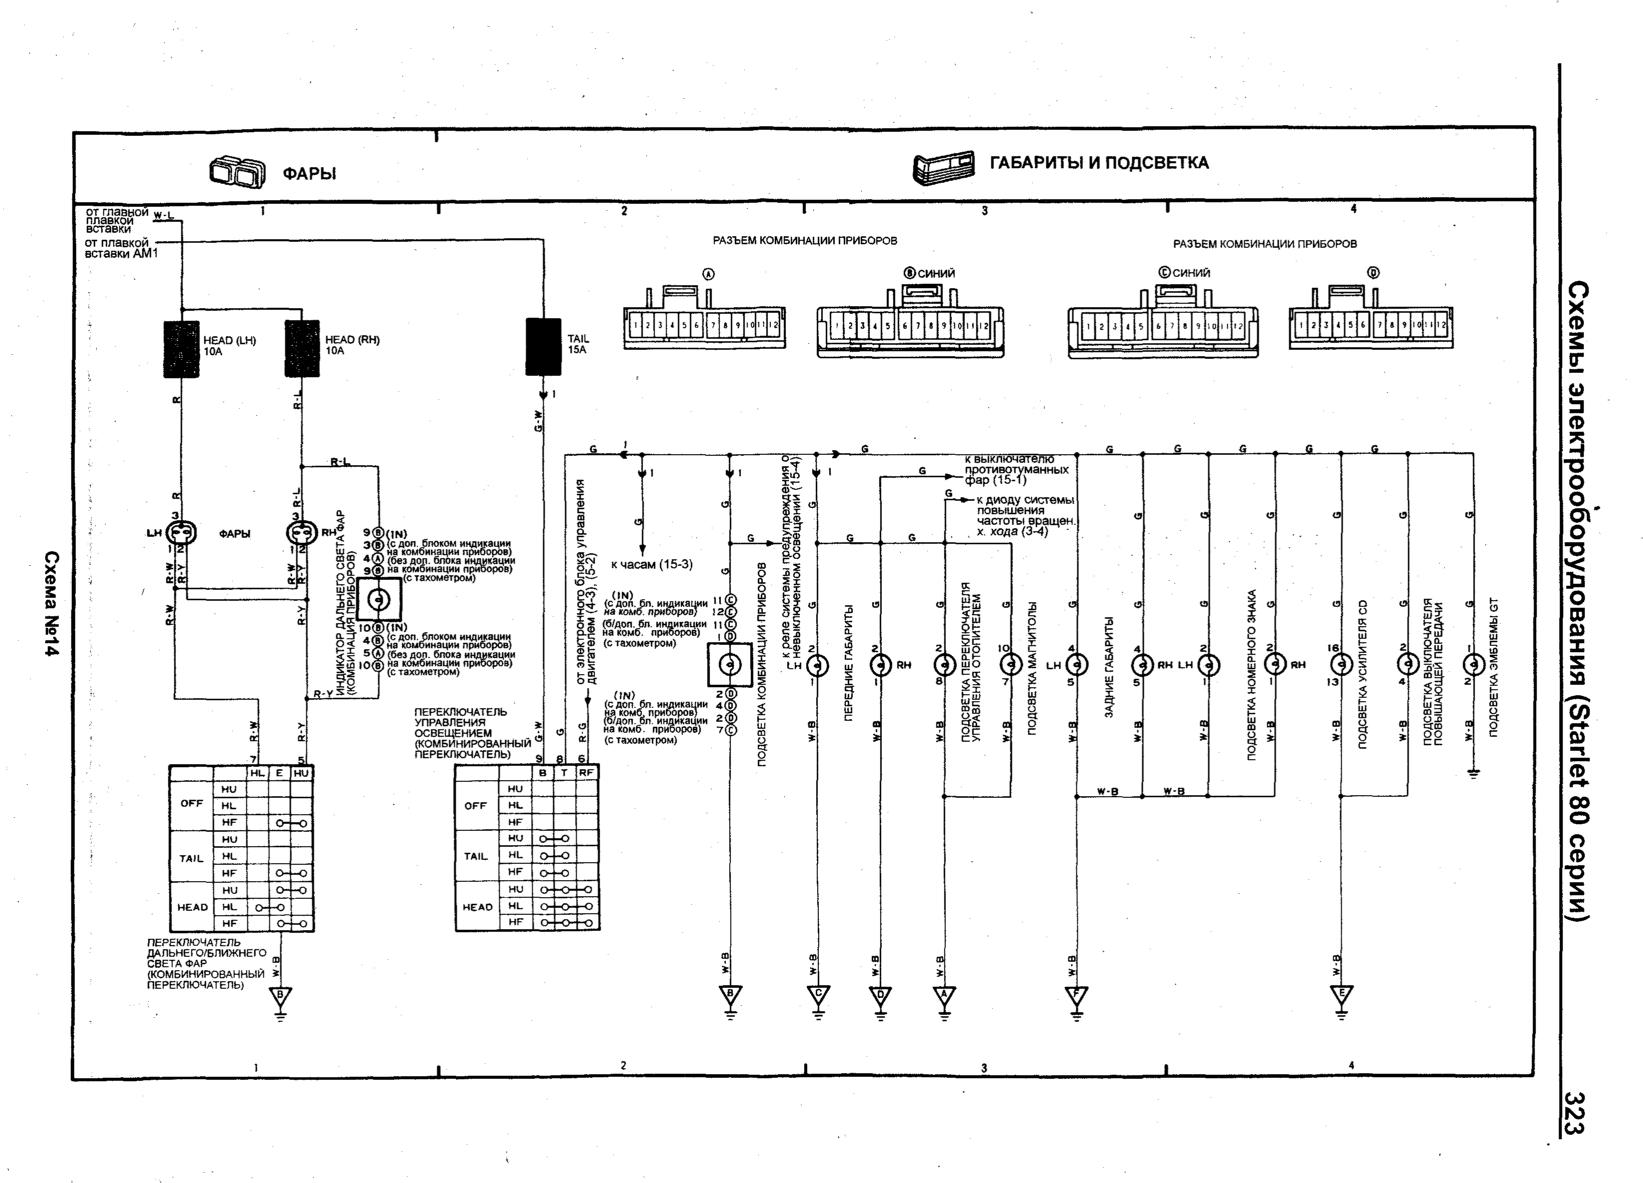 Wunderbar 1988 S10 Schaltplan Fotos - Der Schaltplan - triangre.info